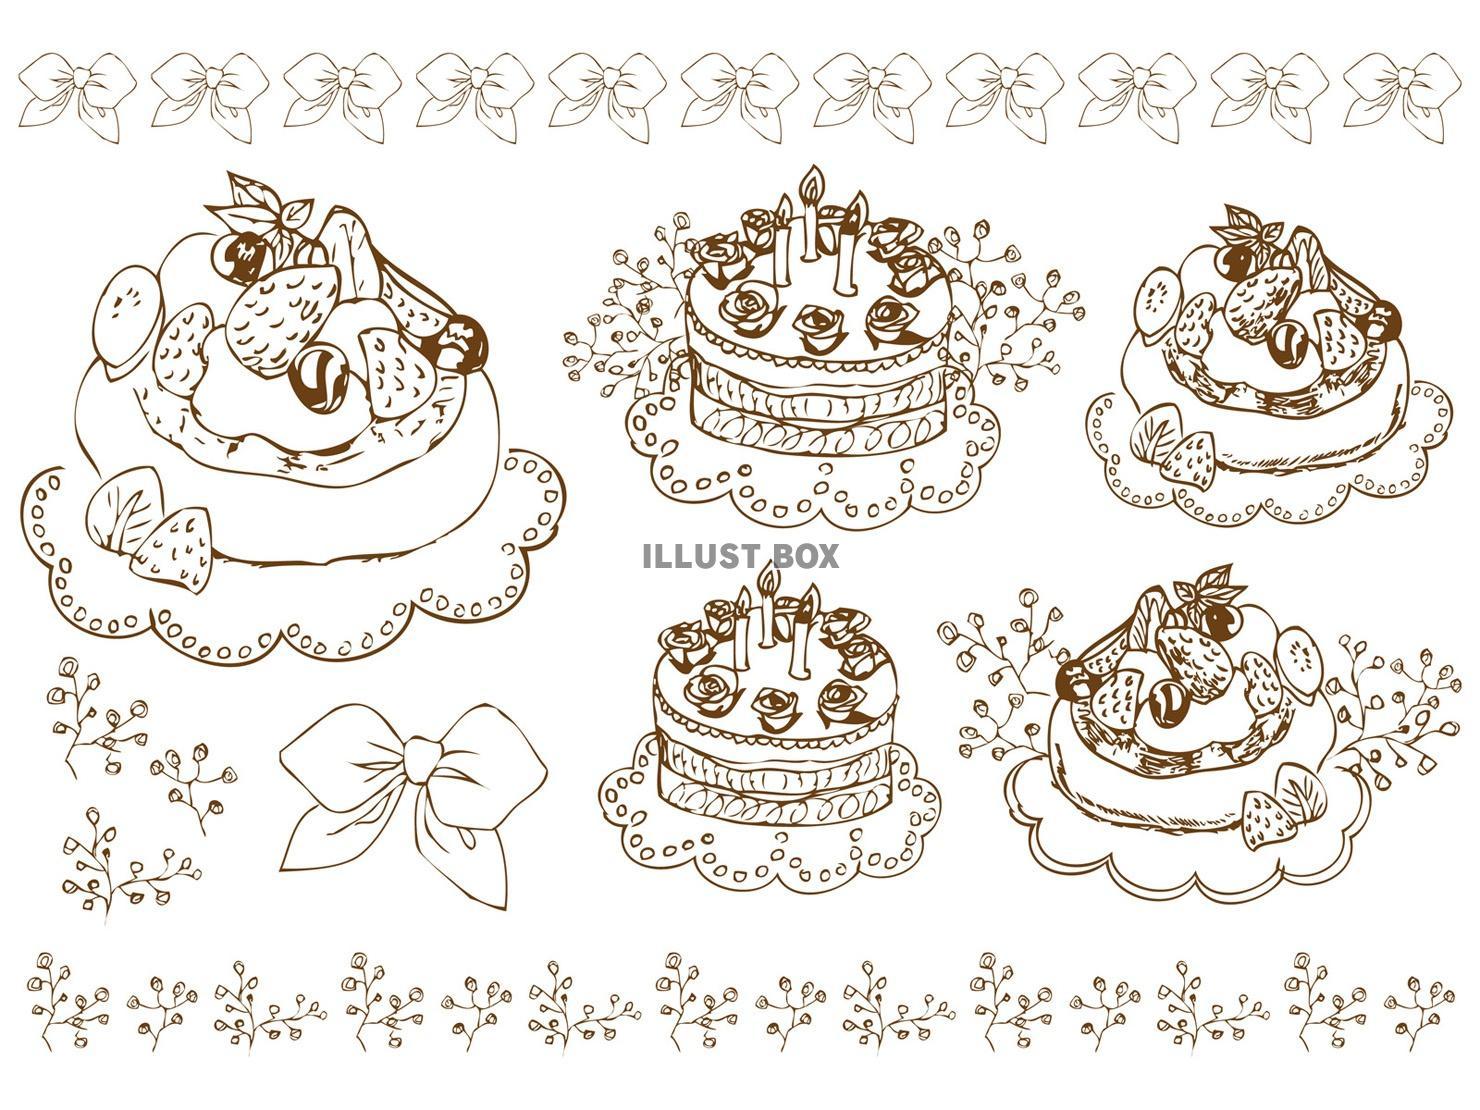 無料イラスト 誕生日ケーキカフェパンケーキウェディング手書誕生日